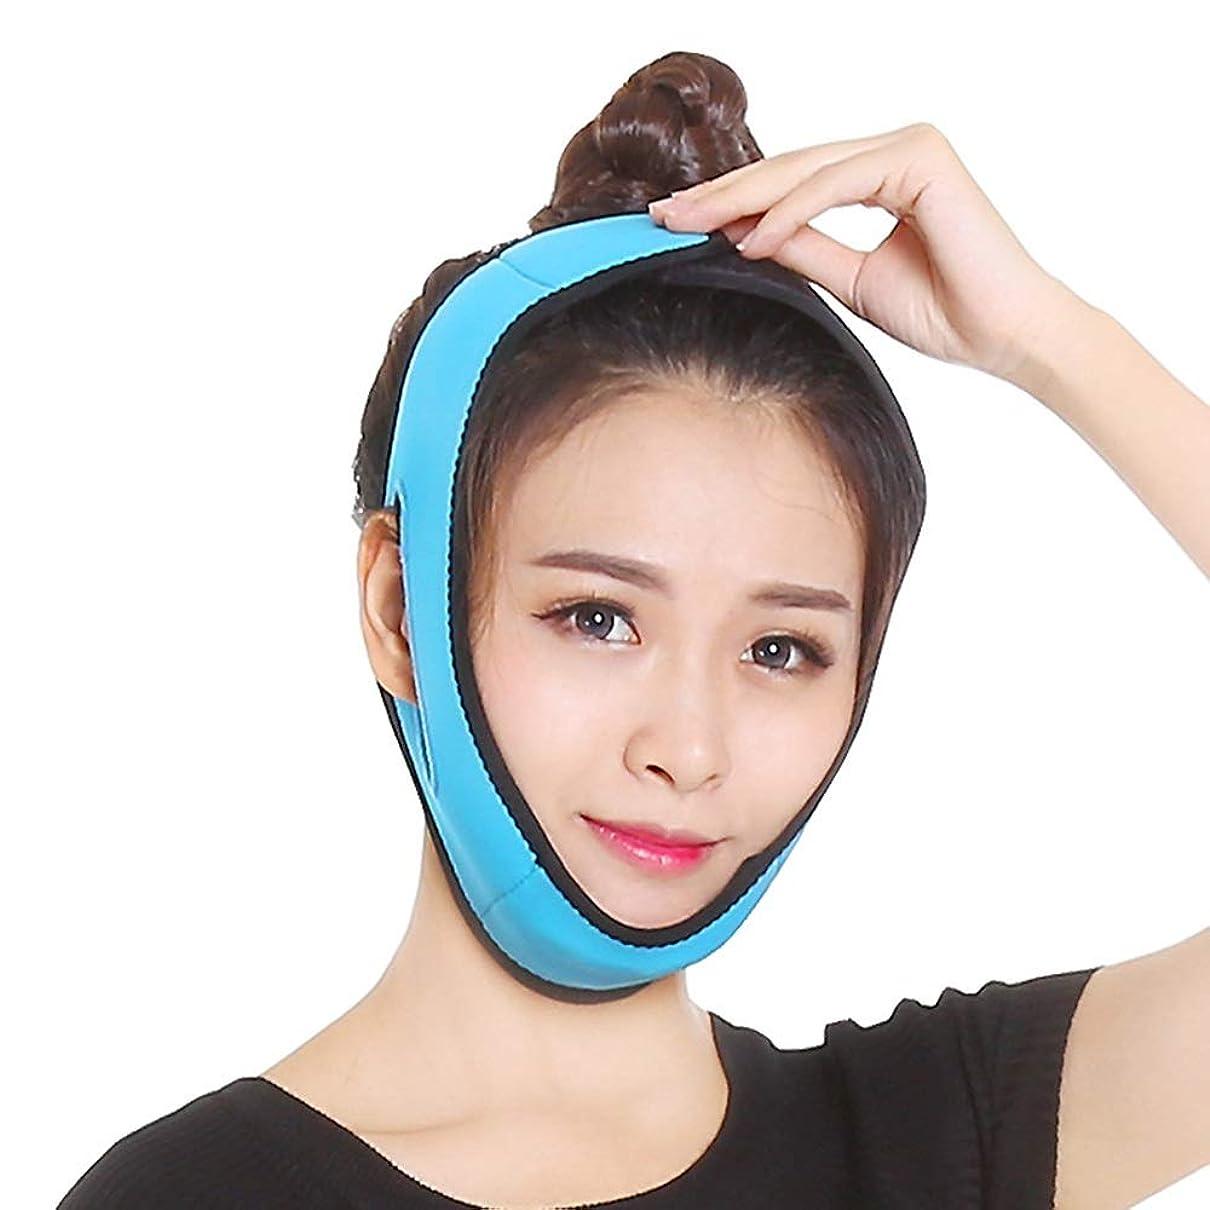 ラメ志す実り多いフェイスリフトベルト 薄い顔のベルト - 薄い顔のツール薄い顔のベルト通気性のラテックスのマッサージV型の顔のアーティファクトの顔の薄いマスク